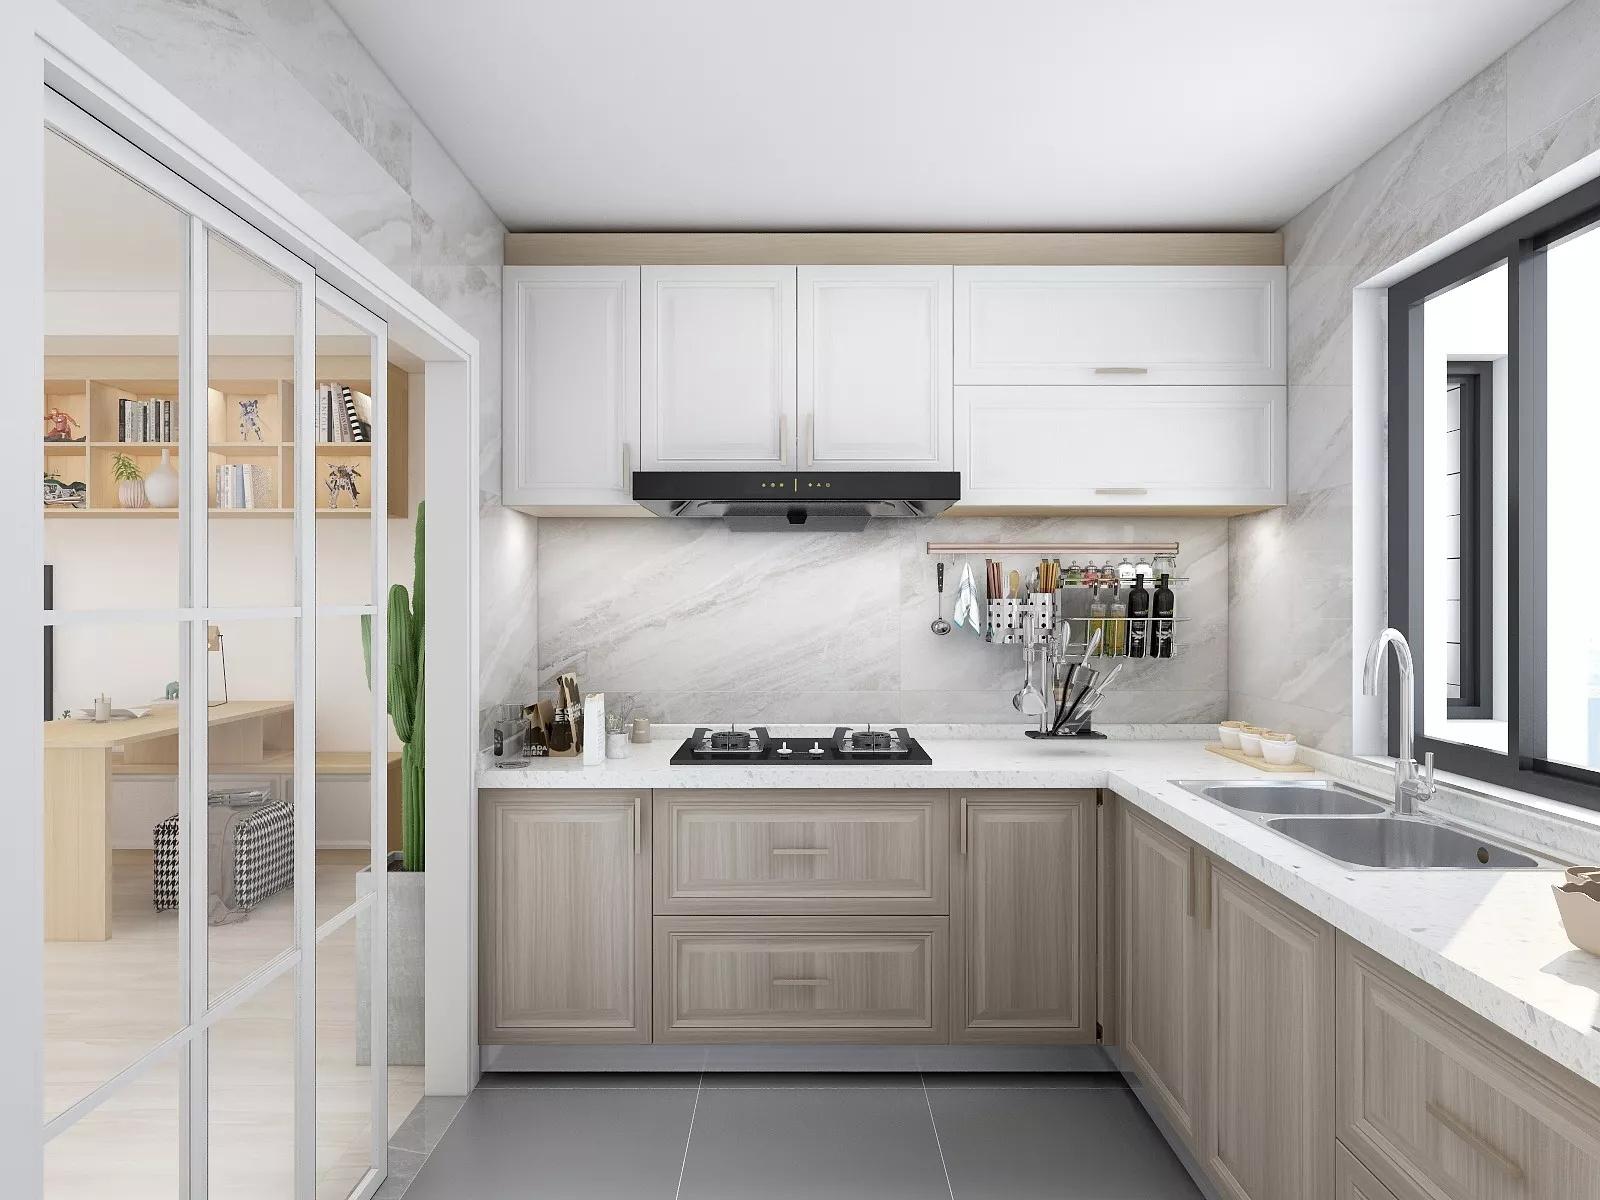 家居復合地板顏色怎么挑選?家居復合地板顏色選購要點